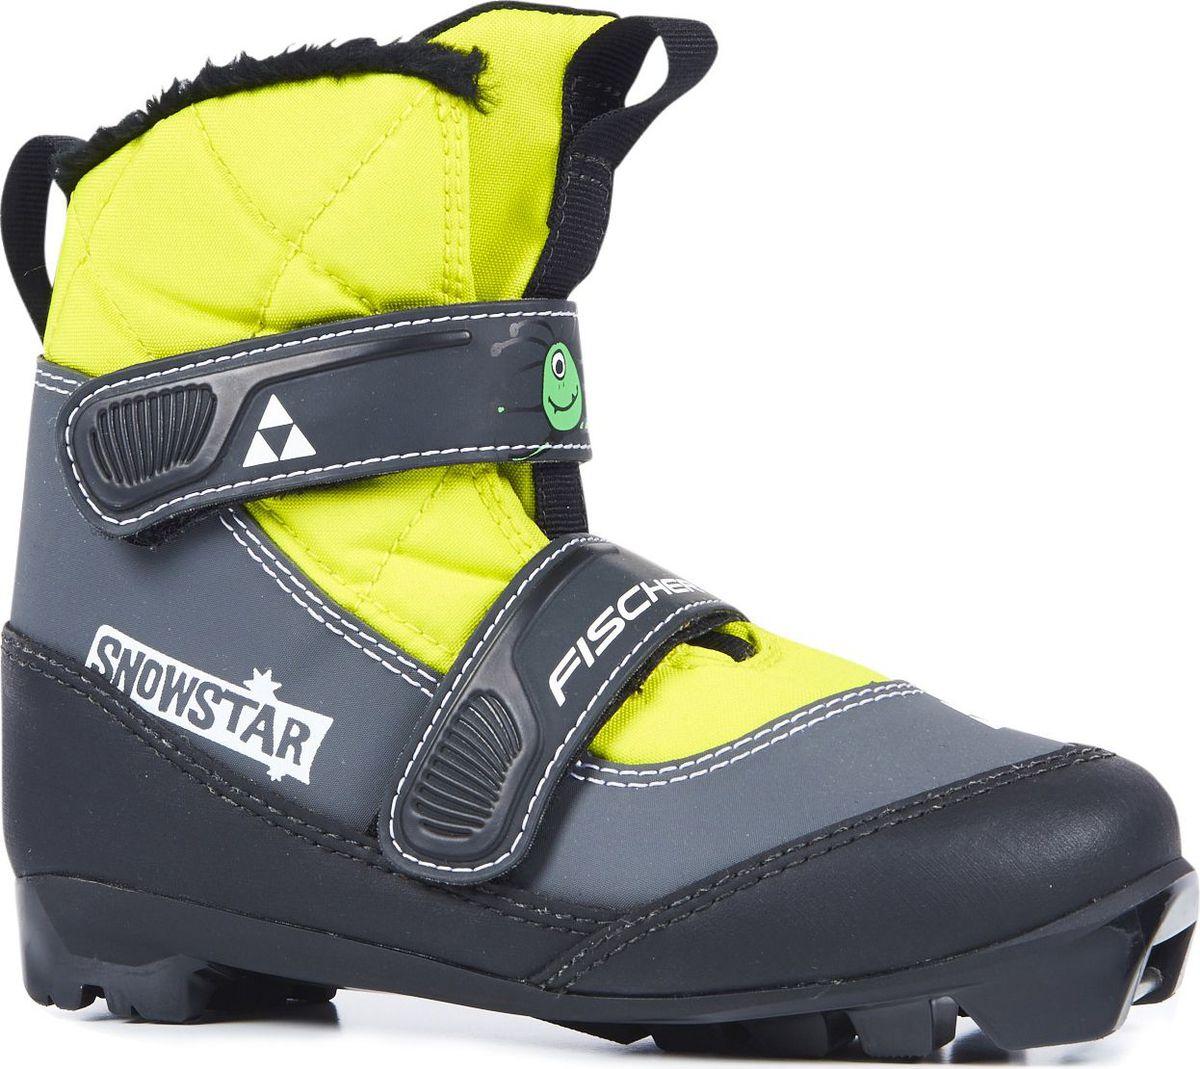 Ботинки лыжные для мальчика Fischer Snowstar, цвет: желтый. S41017. Размер 32S41017Лыжные ботинки Fischer Snowstar - модель для самых маленьких лыжников. Комфортная мягкая подошва, водоотталкивающий утеплитель Comfort Guard дополнительно защищает от холода и влаги, удобная застежка-липучка облегчает надевание. В ботинках удобно не только кататься, но и гулять, играть.Преимущества для потребителей:- Удобно надевать и снимать.- Очень теплые.- Подходят для катания и игр на снегу.